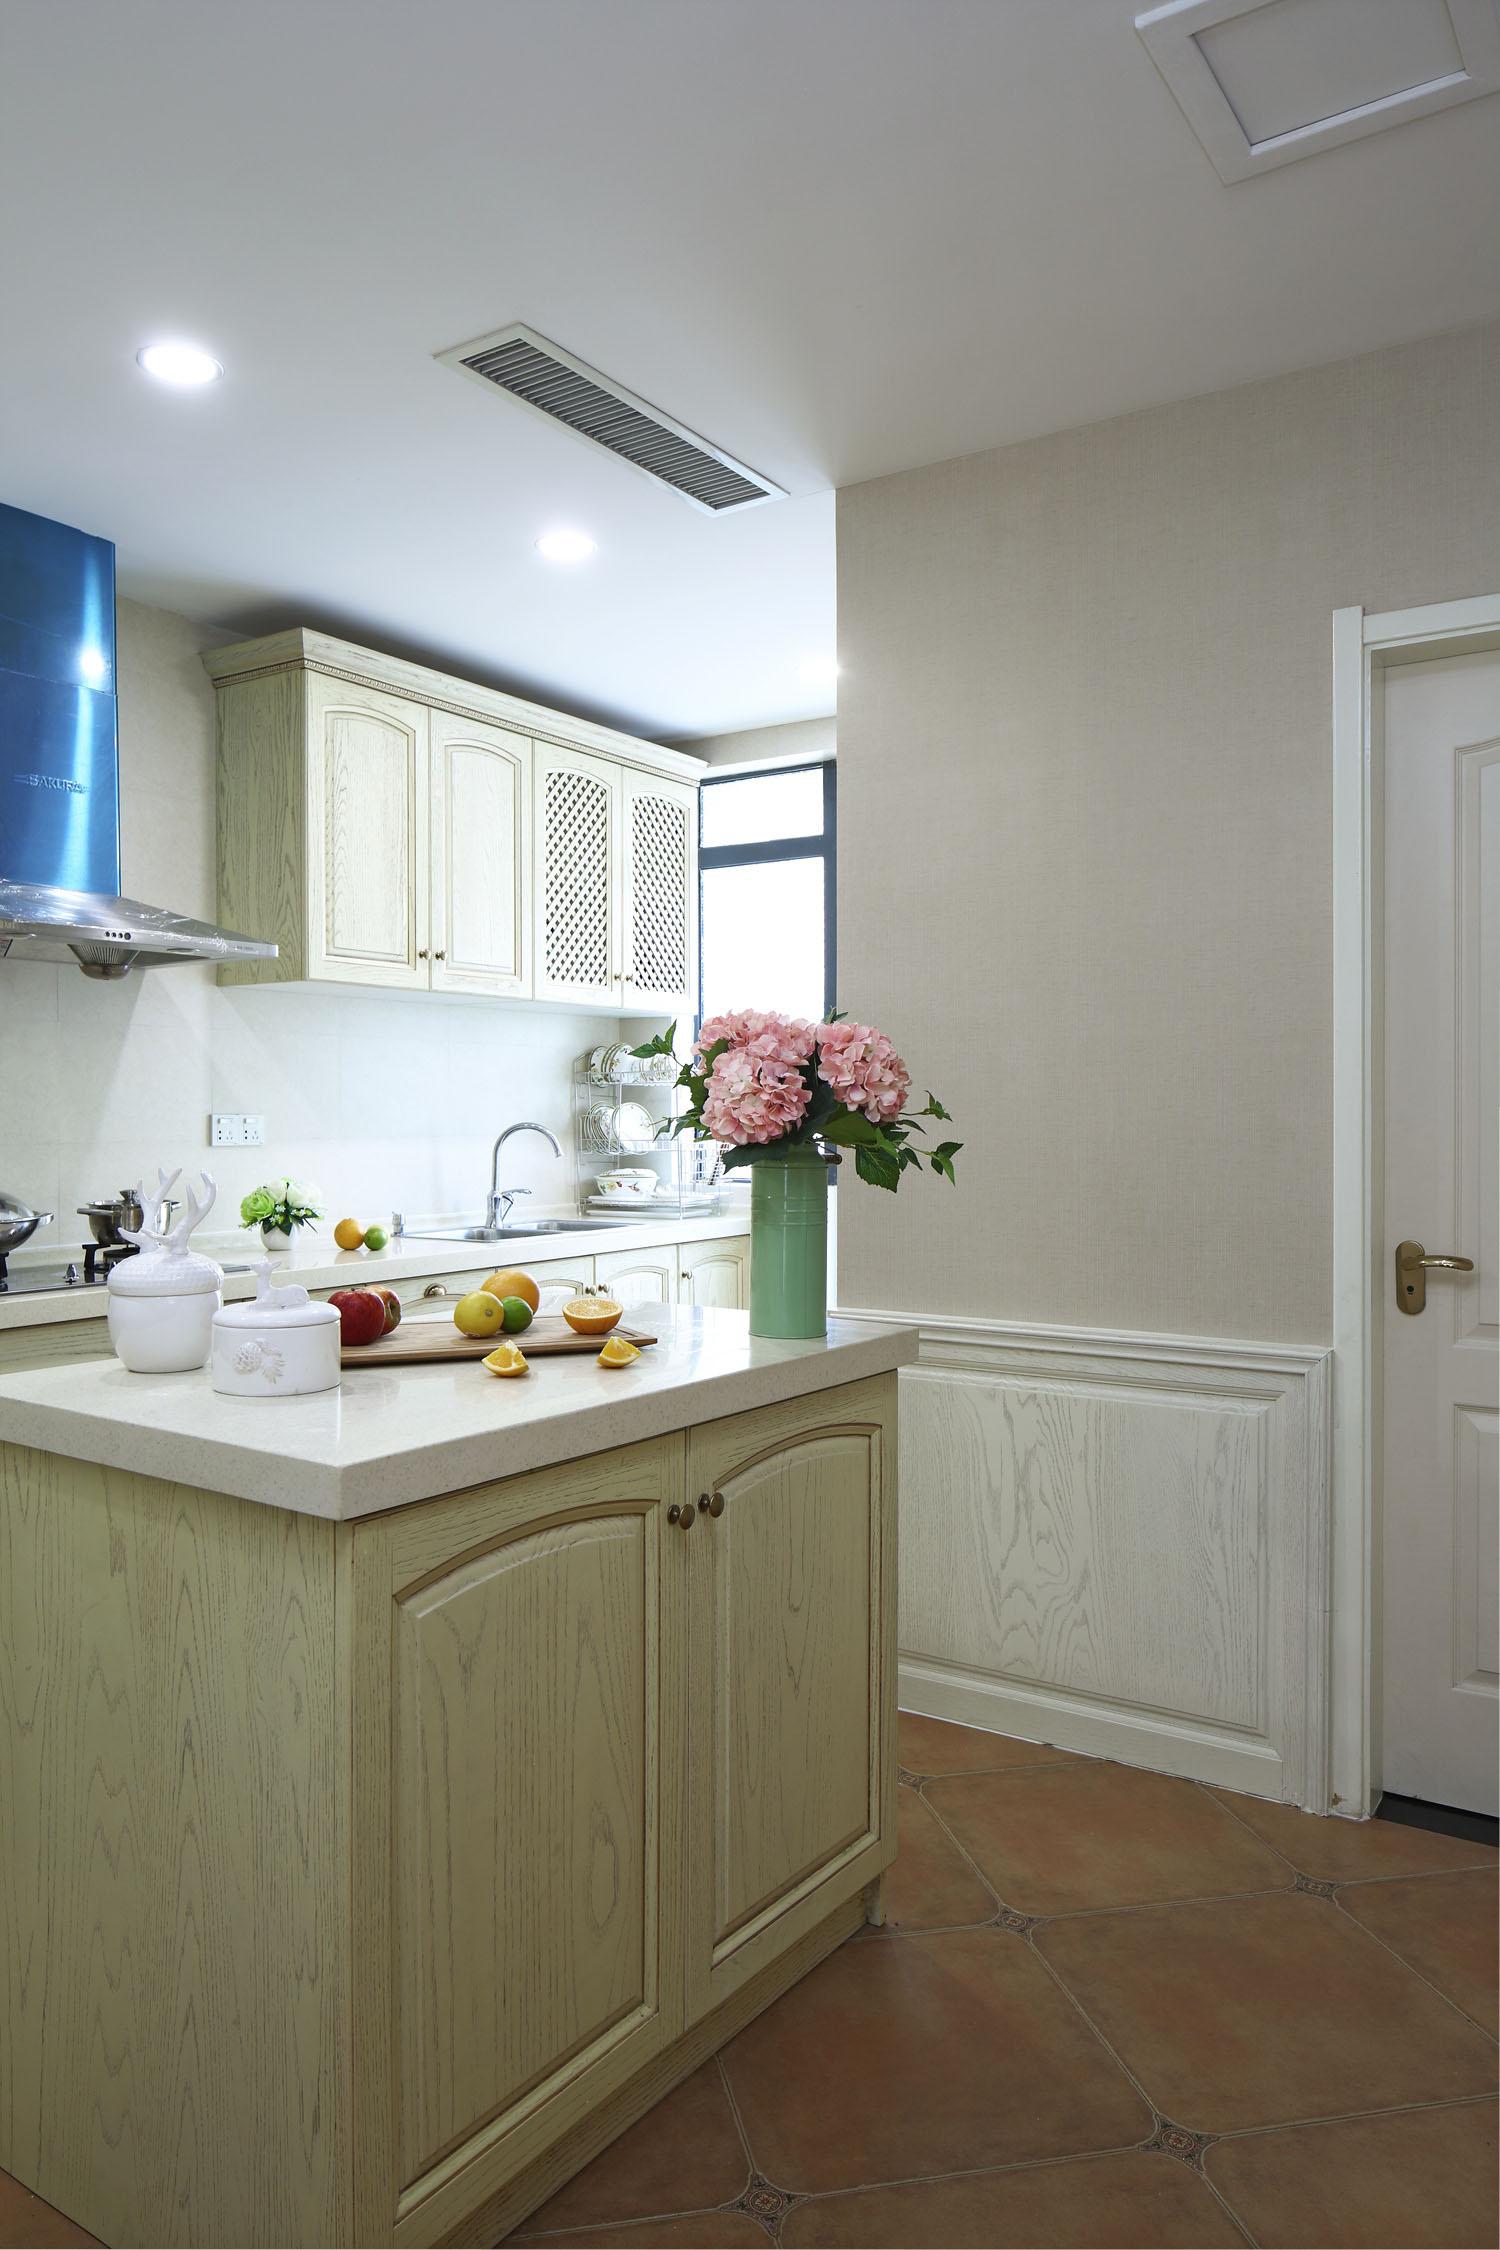 简约 别墅 白领 旧房改造 80后 收纳 厨房图片来自周晓安在晓安设计|转身之后的分享